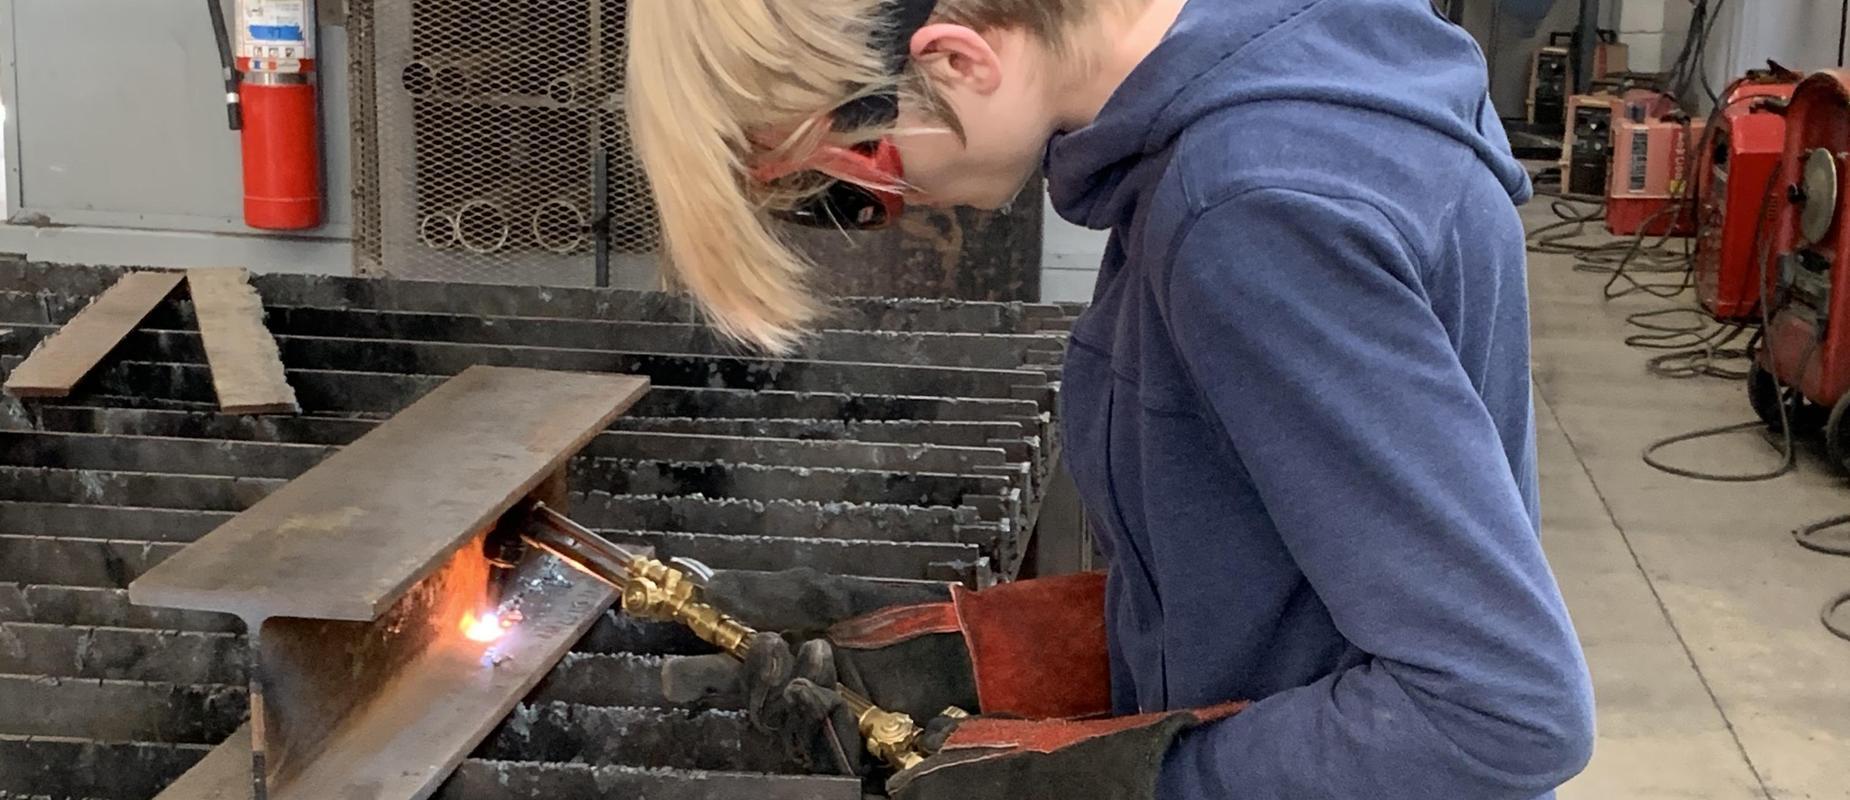 Welding in metals class